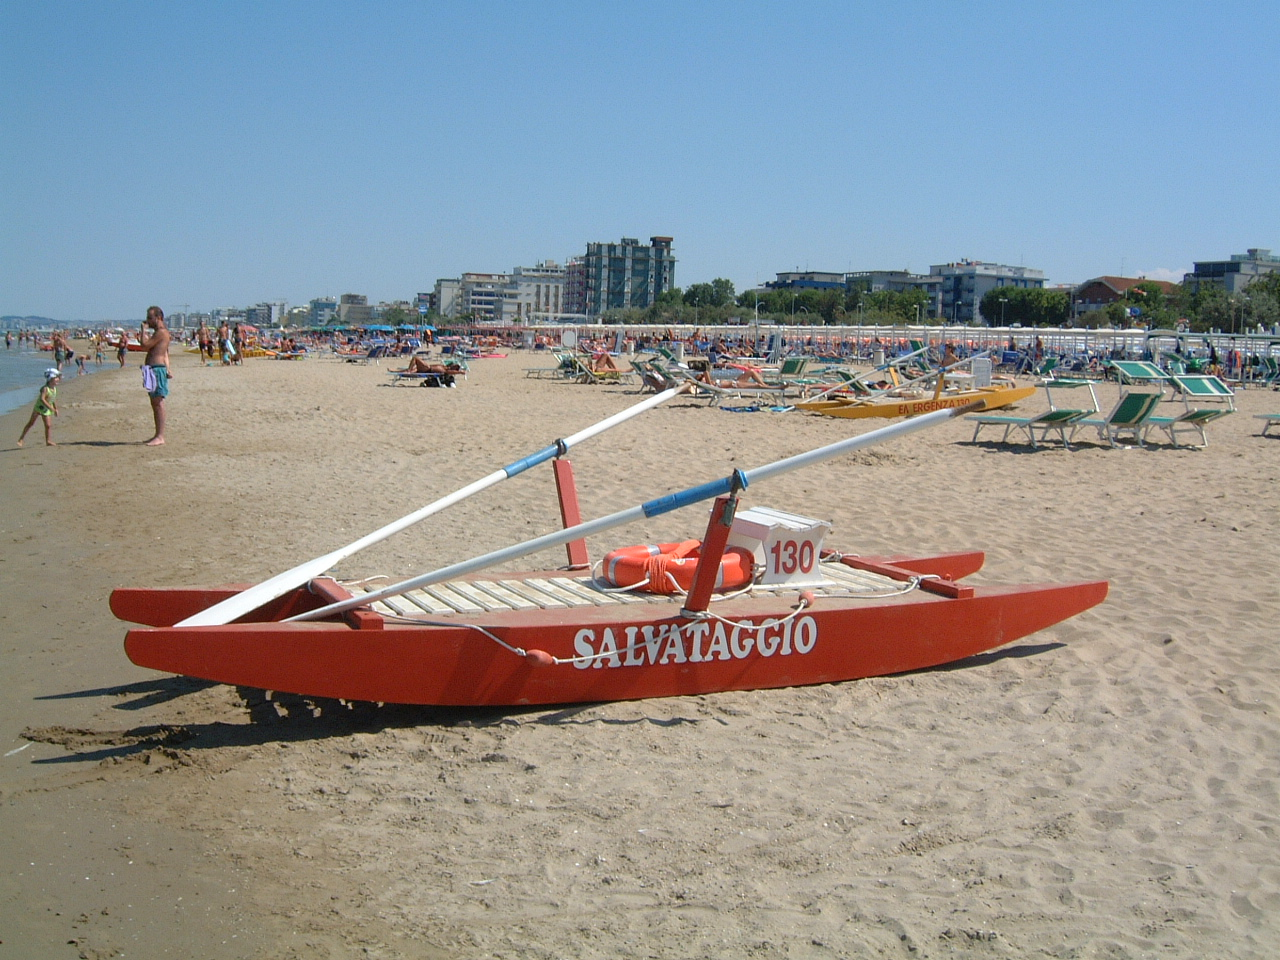 Strand Salvaggio